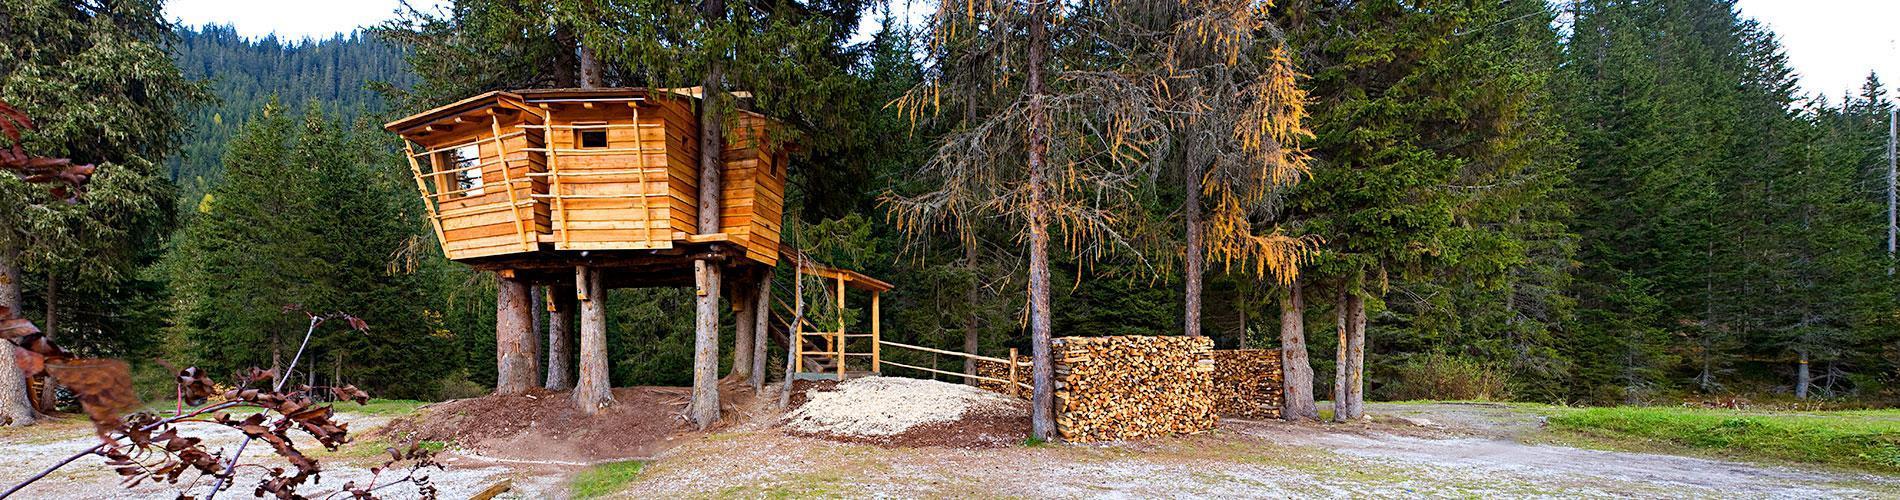 Campeggio e hotel con case sull\'albero in Alto Adige